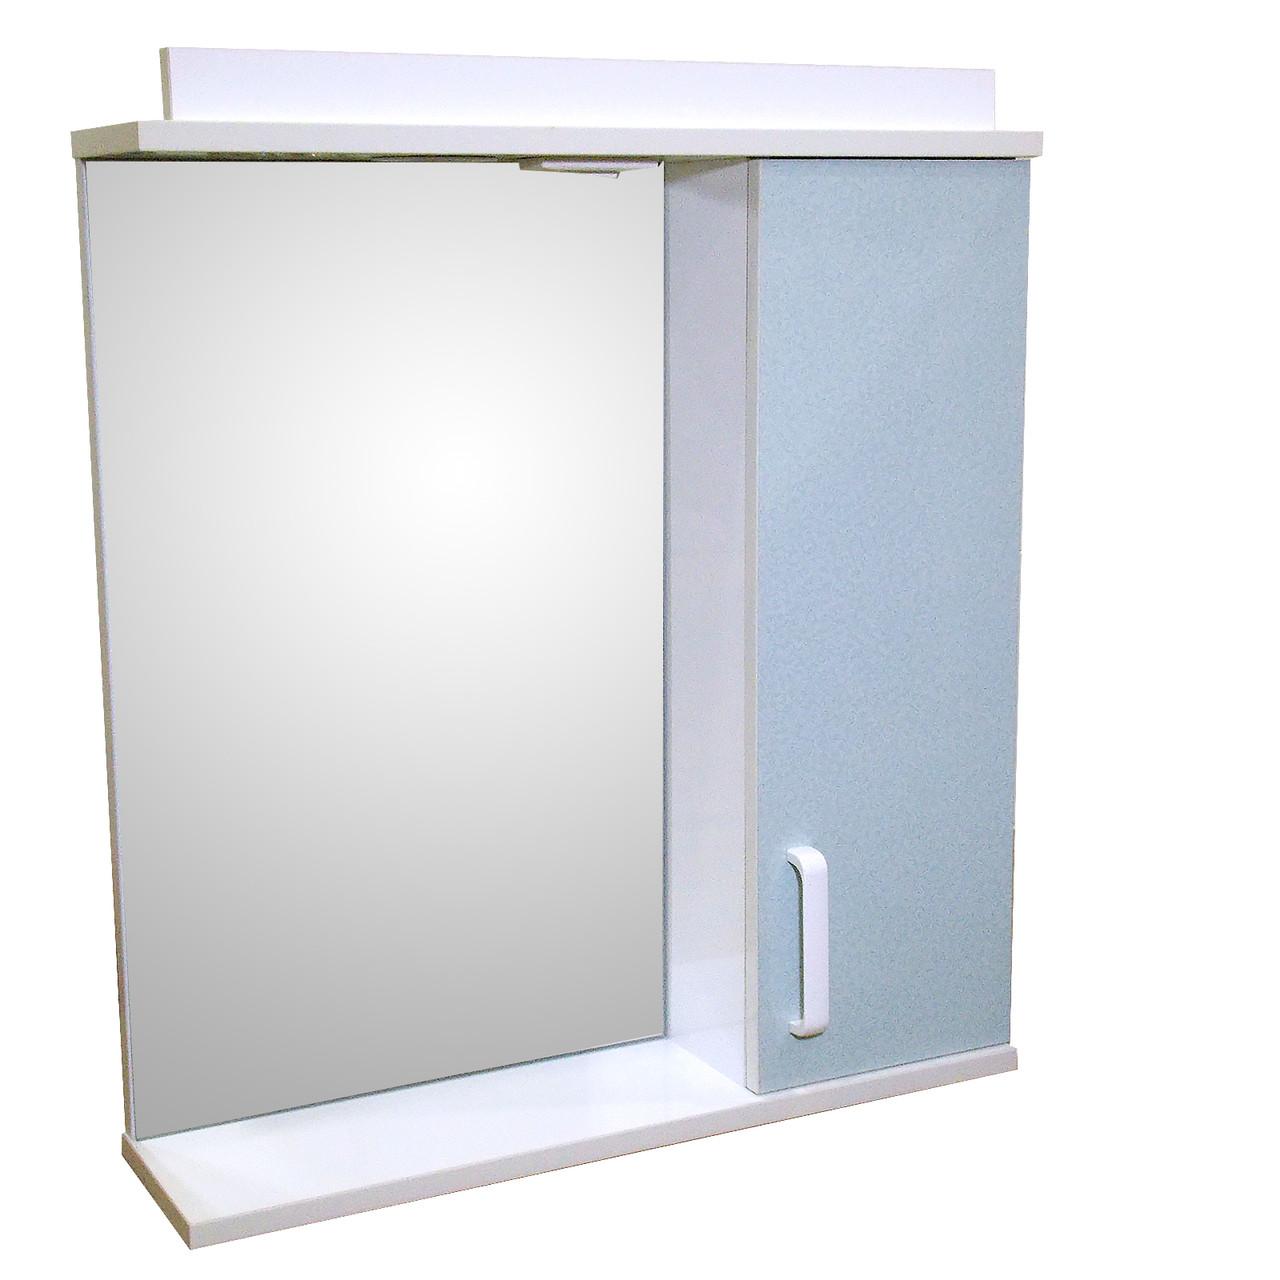 Зеркало 65 для ванной комнаты с подсветкой и шкафчиком Дебют Перфект  мотыль бирюза